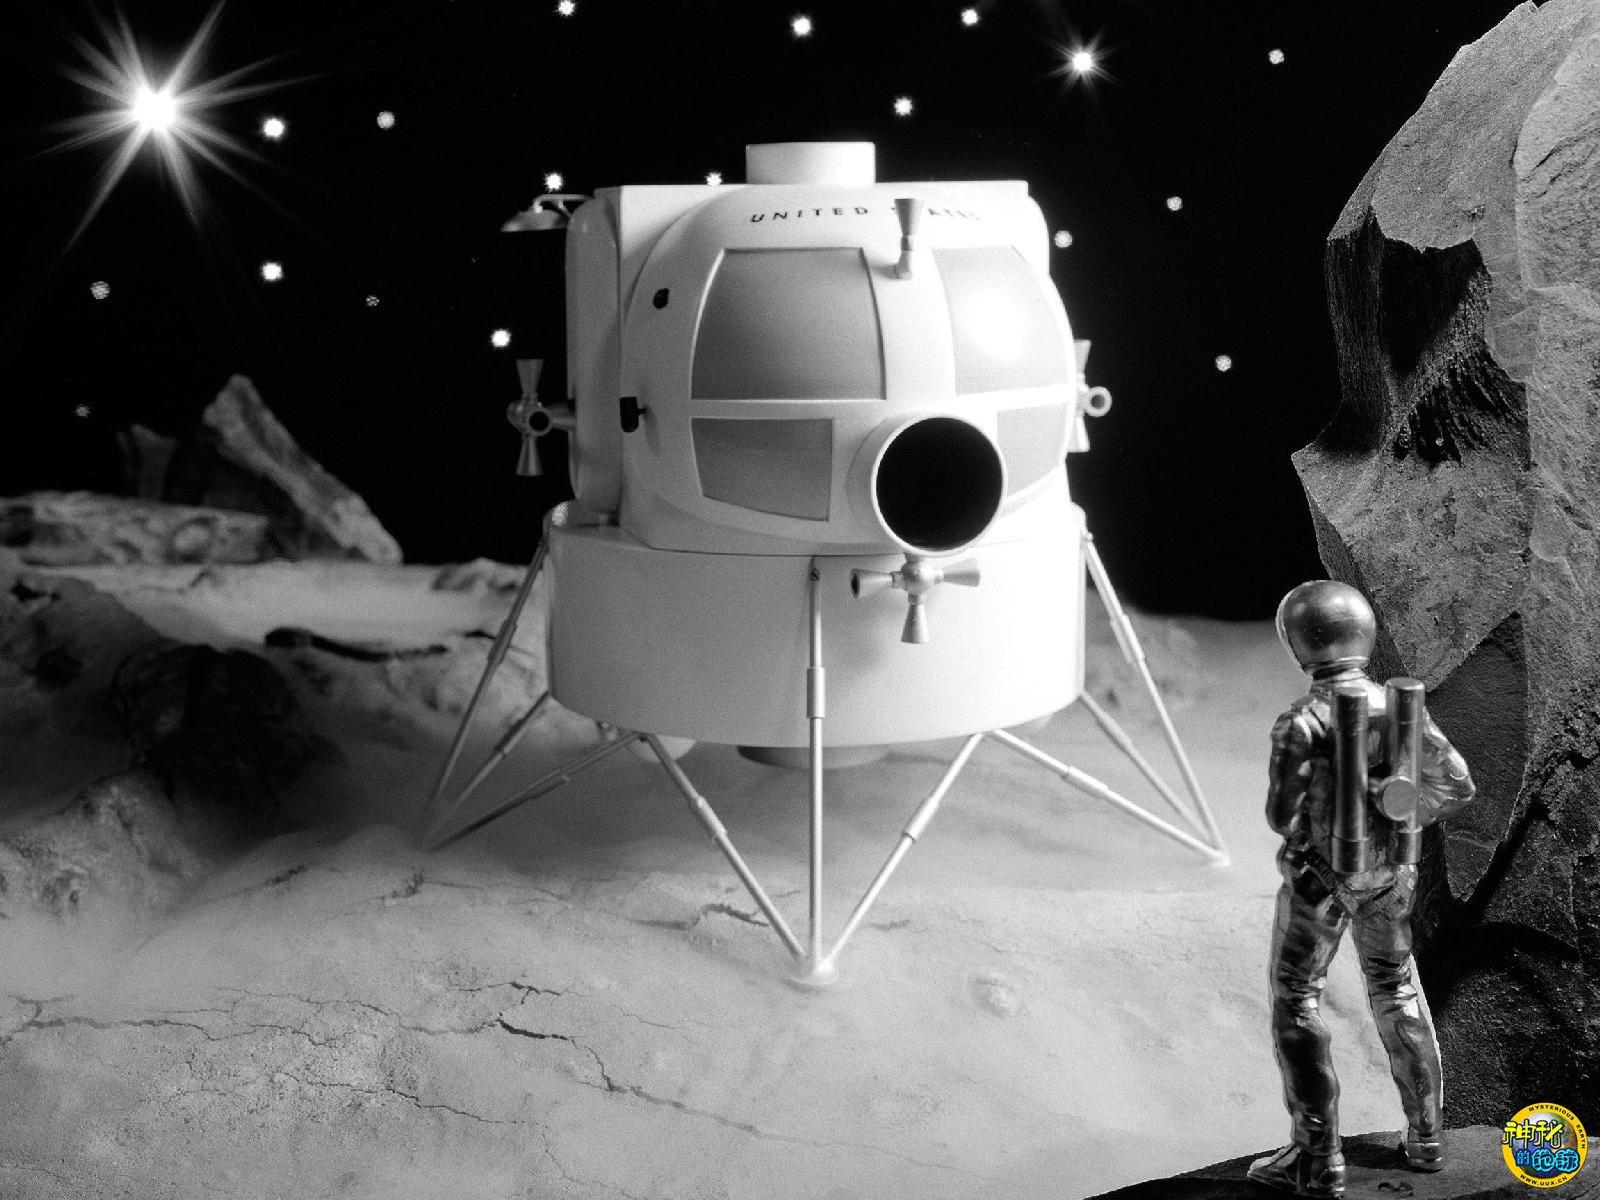 阿波罗登月是假的吗_